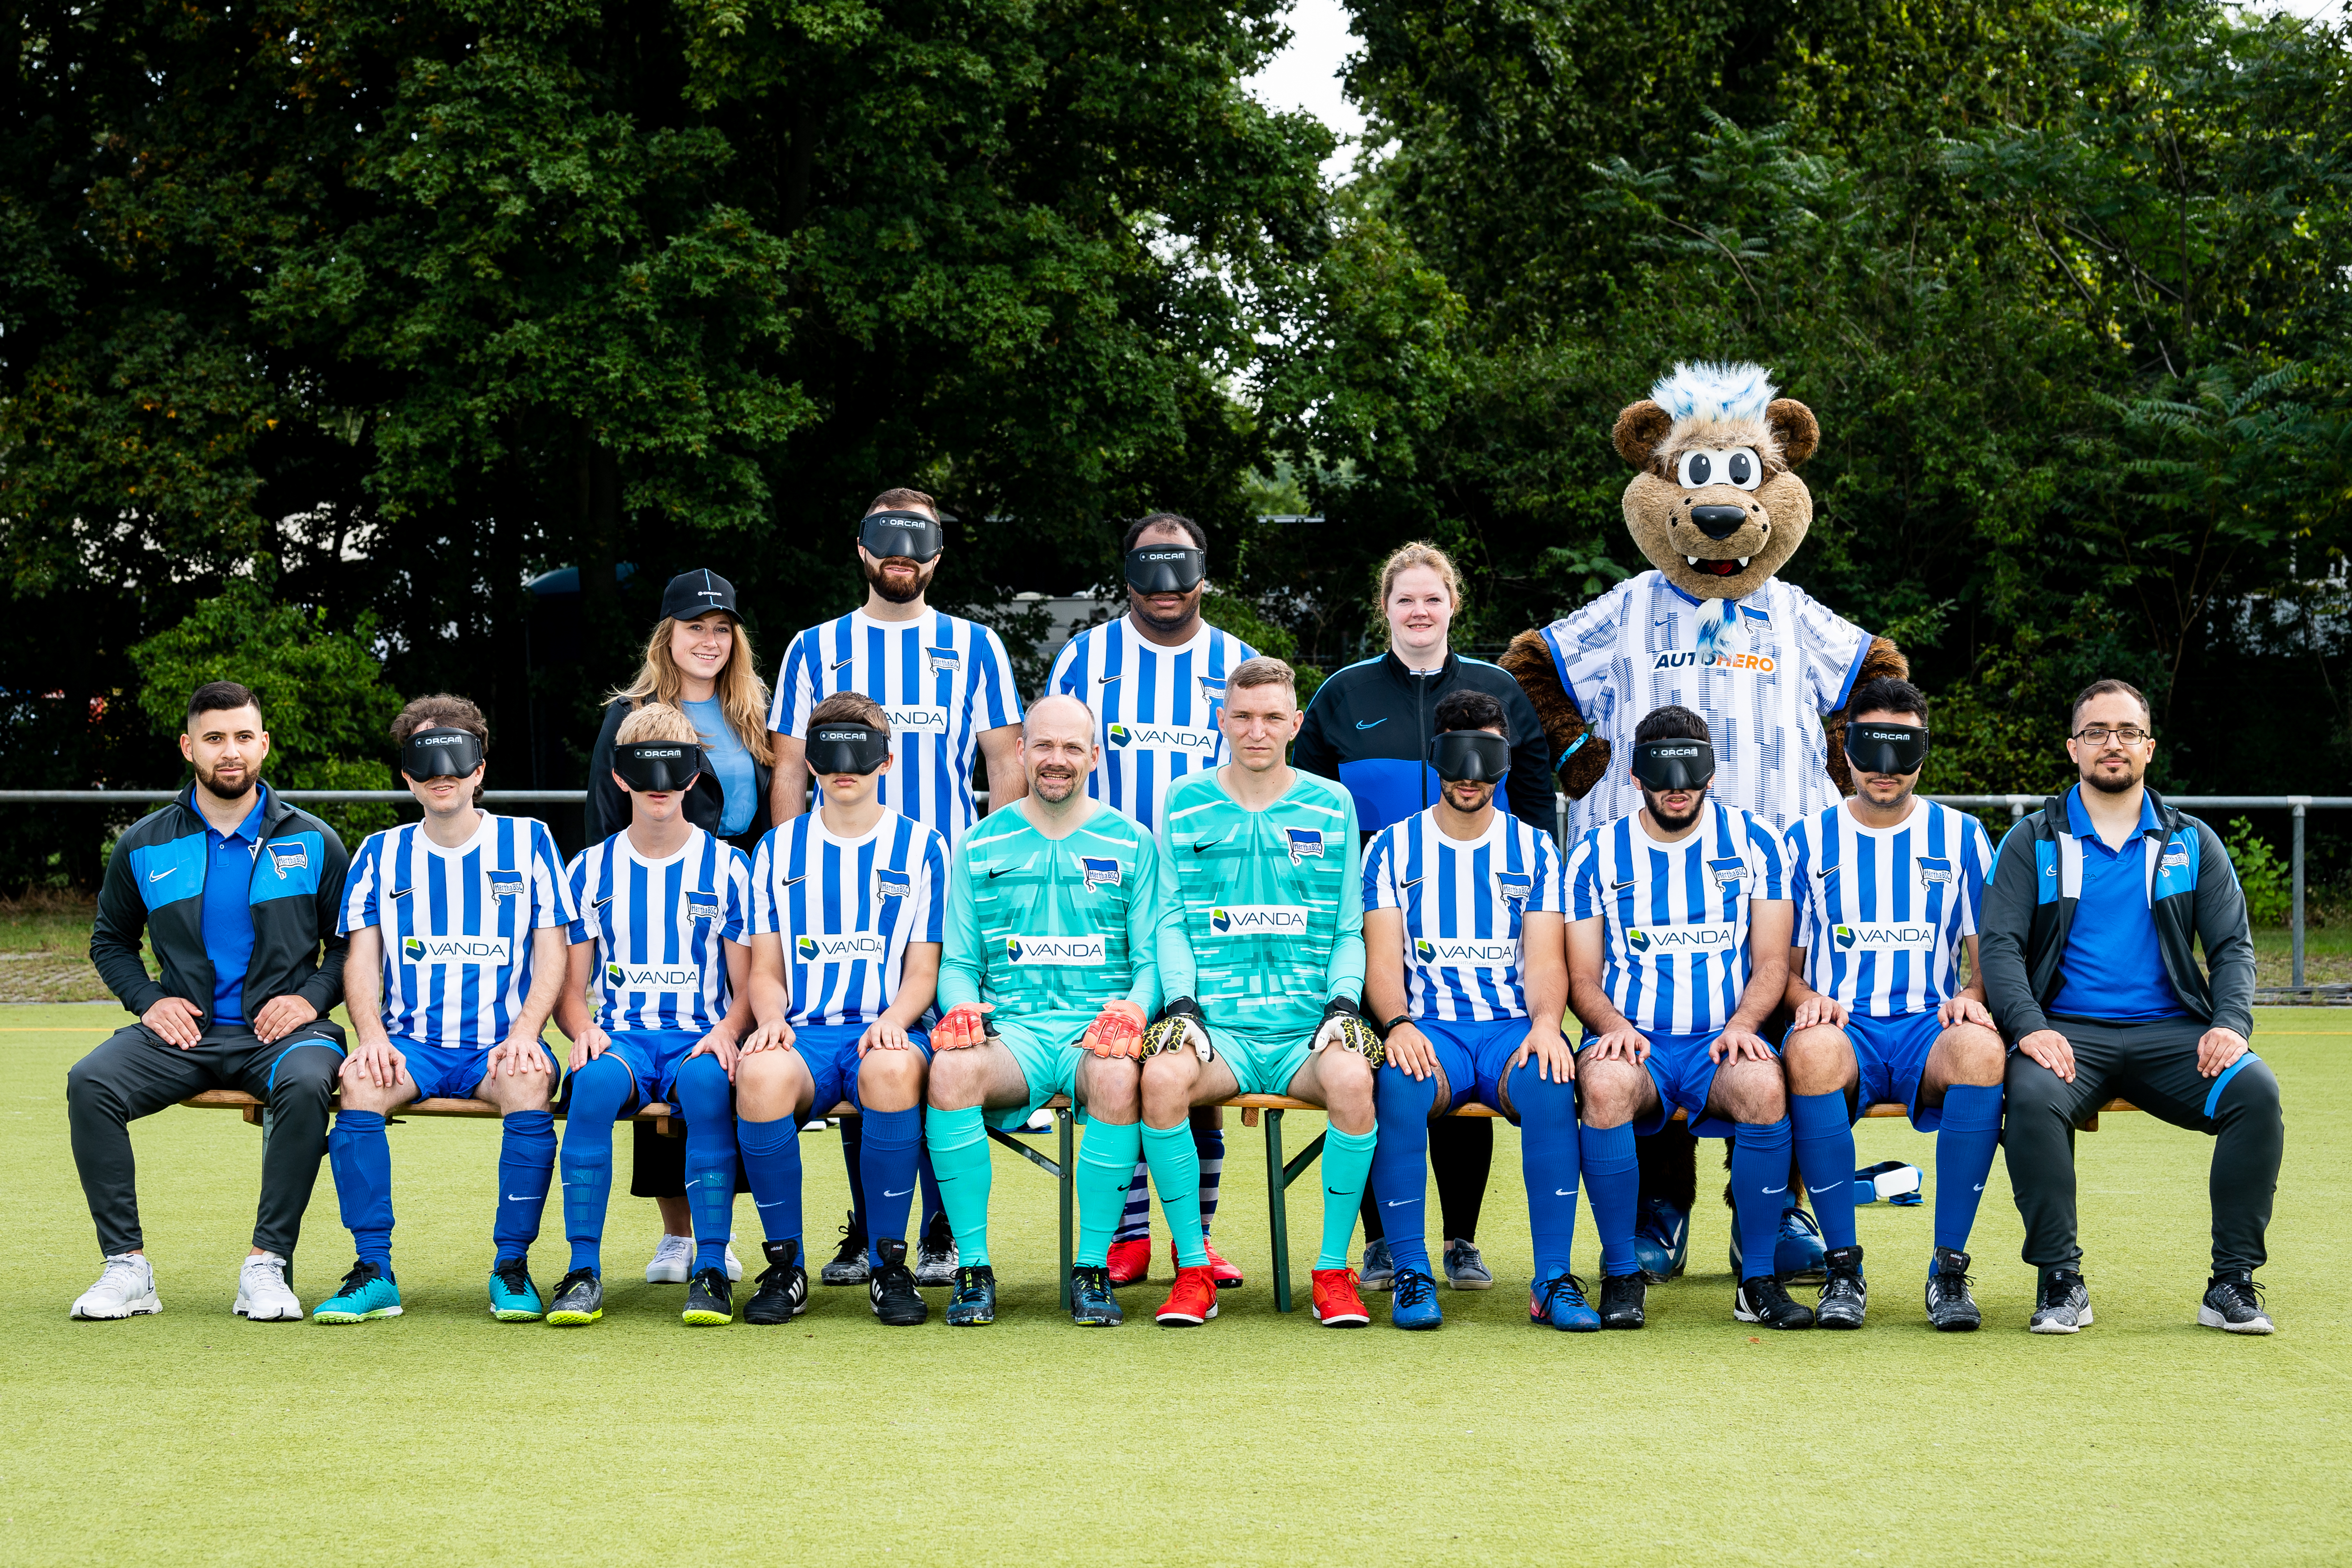 Unsere Blindenfußball-Mannschaft für die Saison 2021/22.